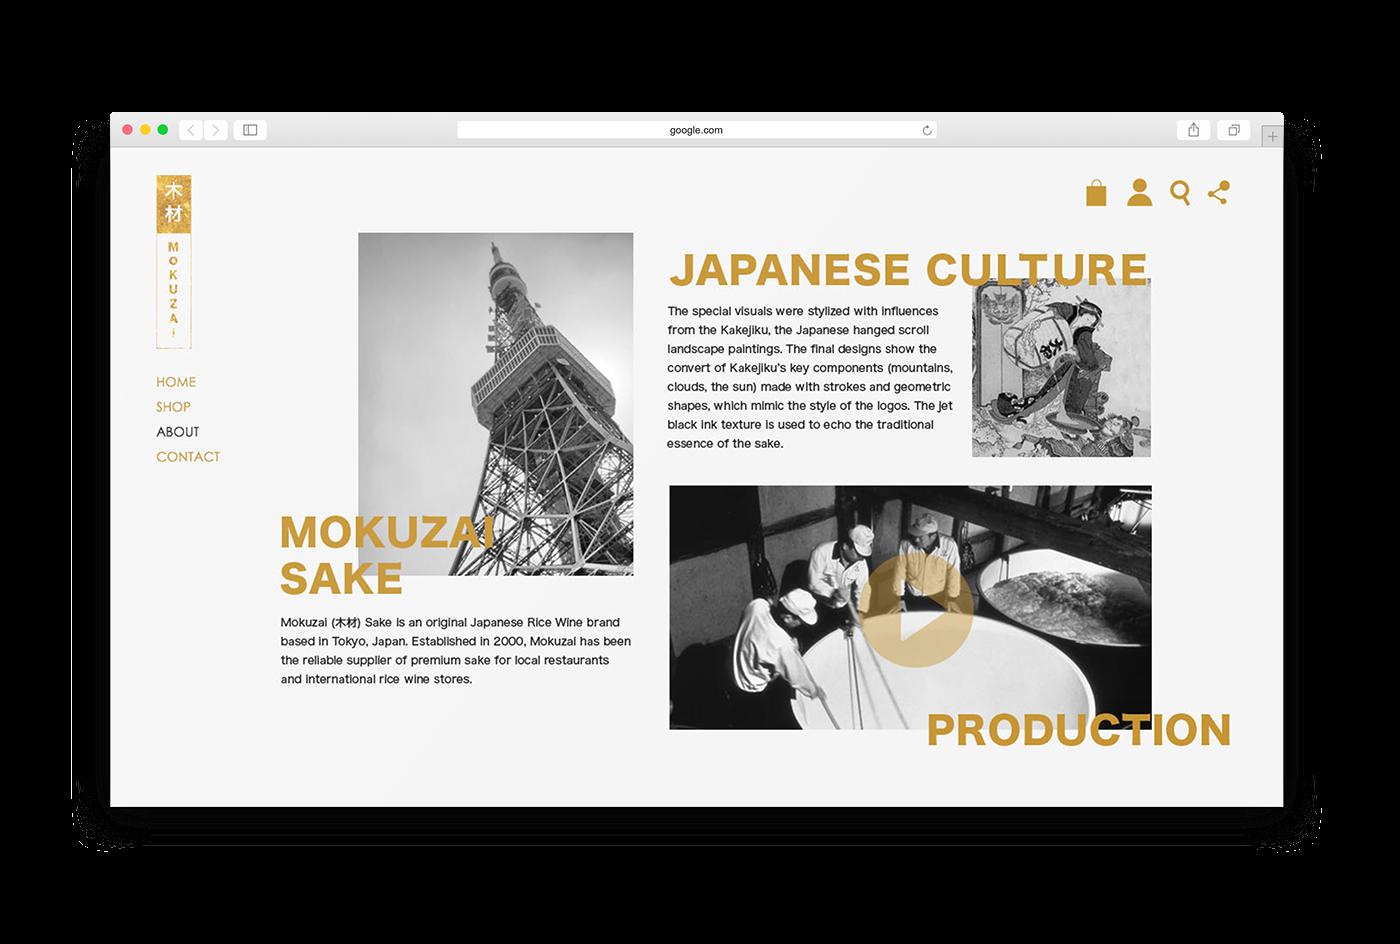 Mokuzai Sake on Behance